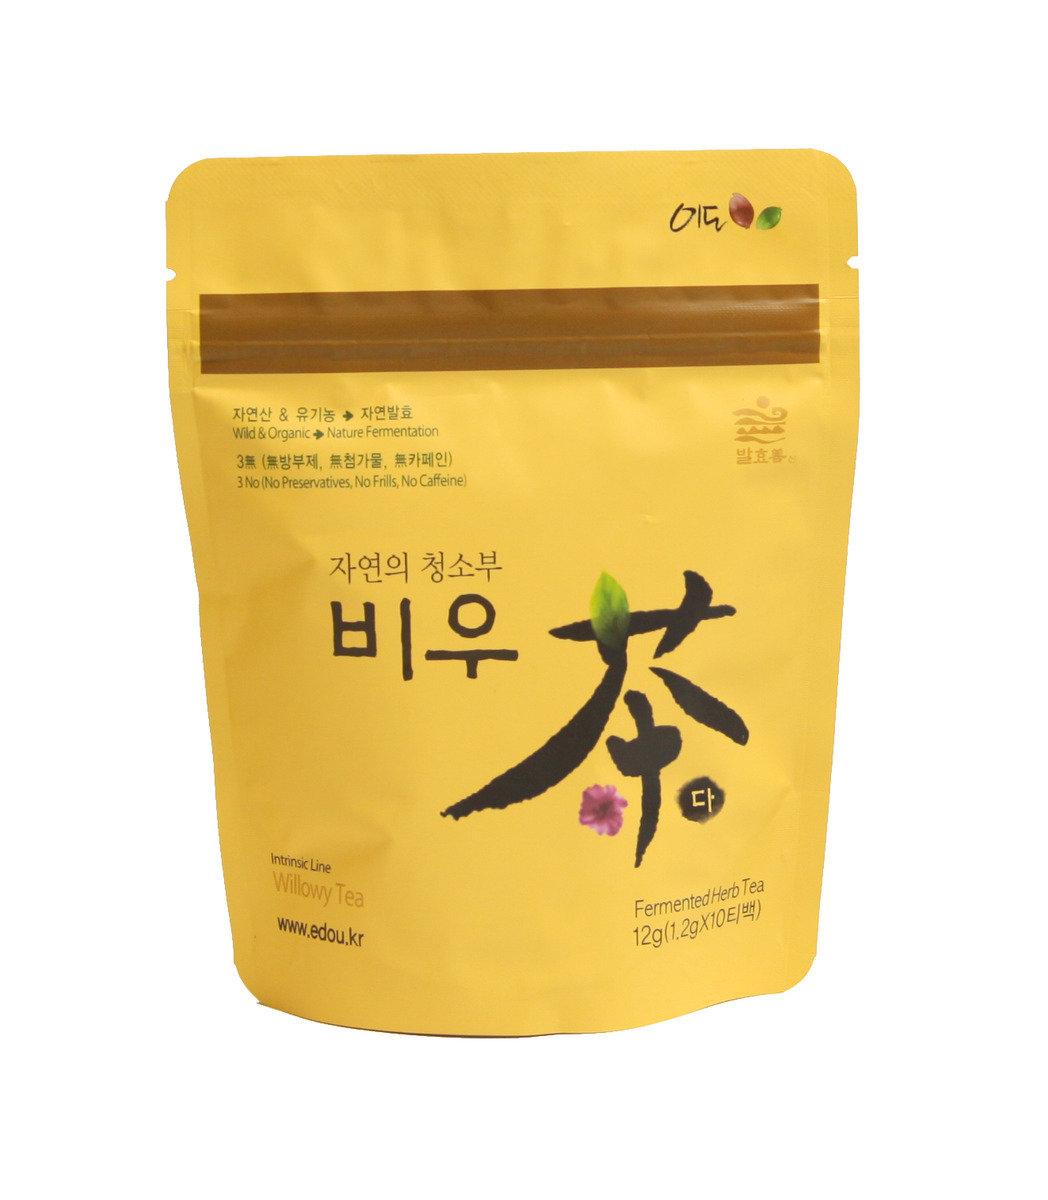 清空茶 10包